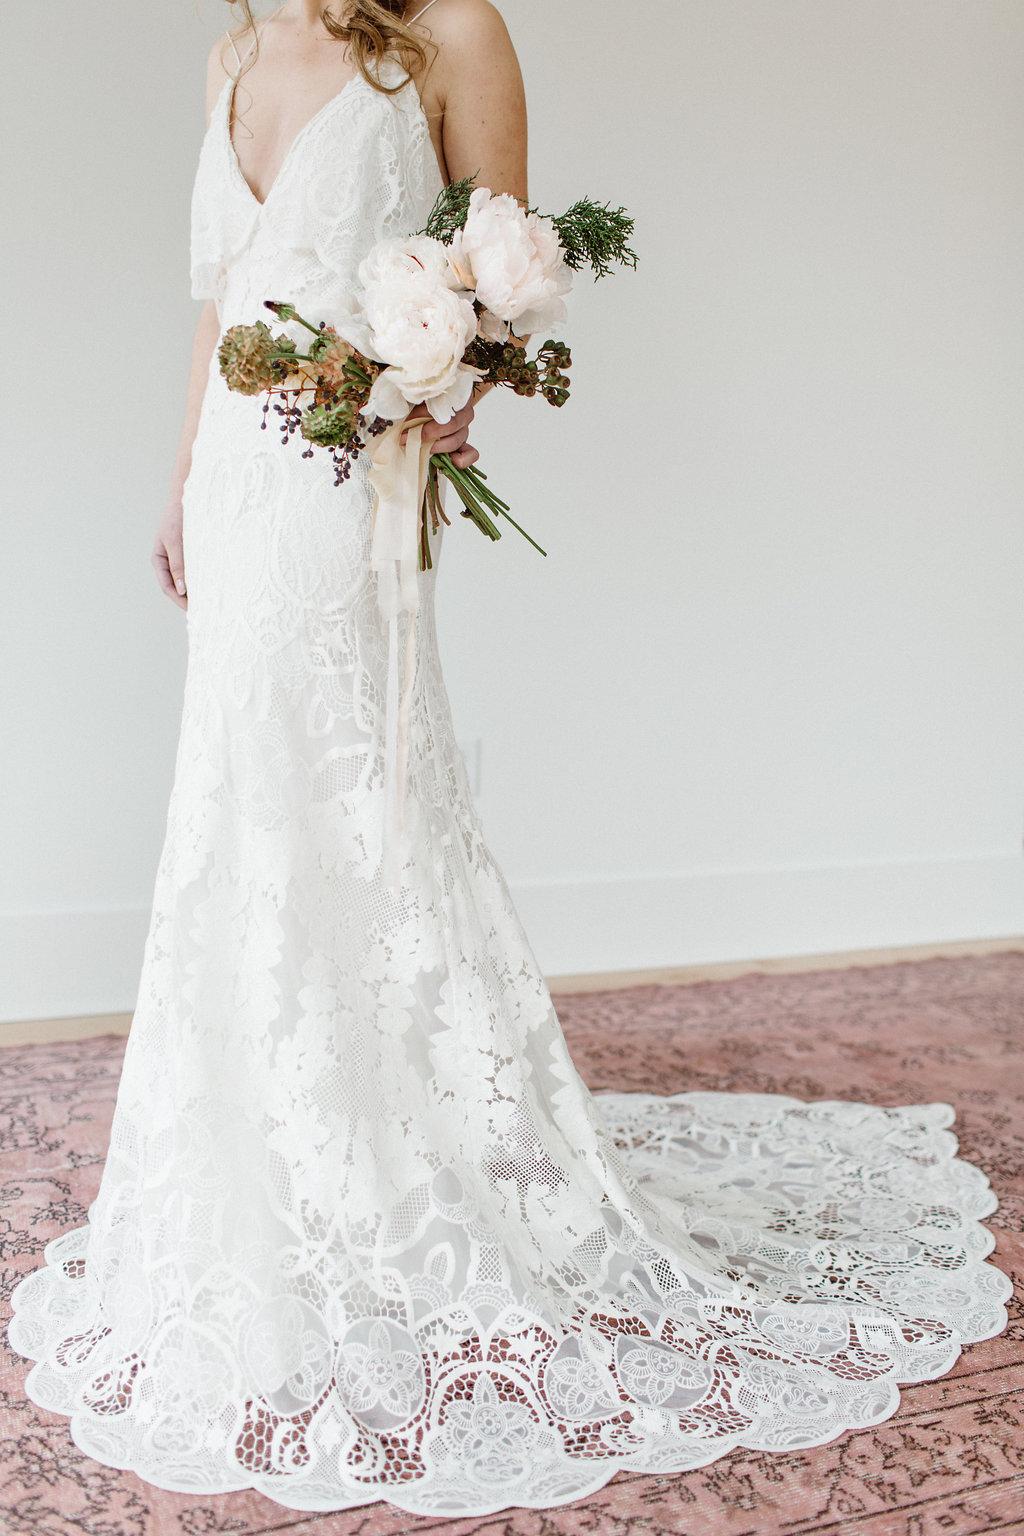 Everthine-Bridal-Ashley-Largesse-3.jpg